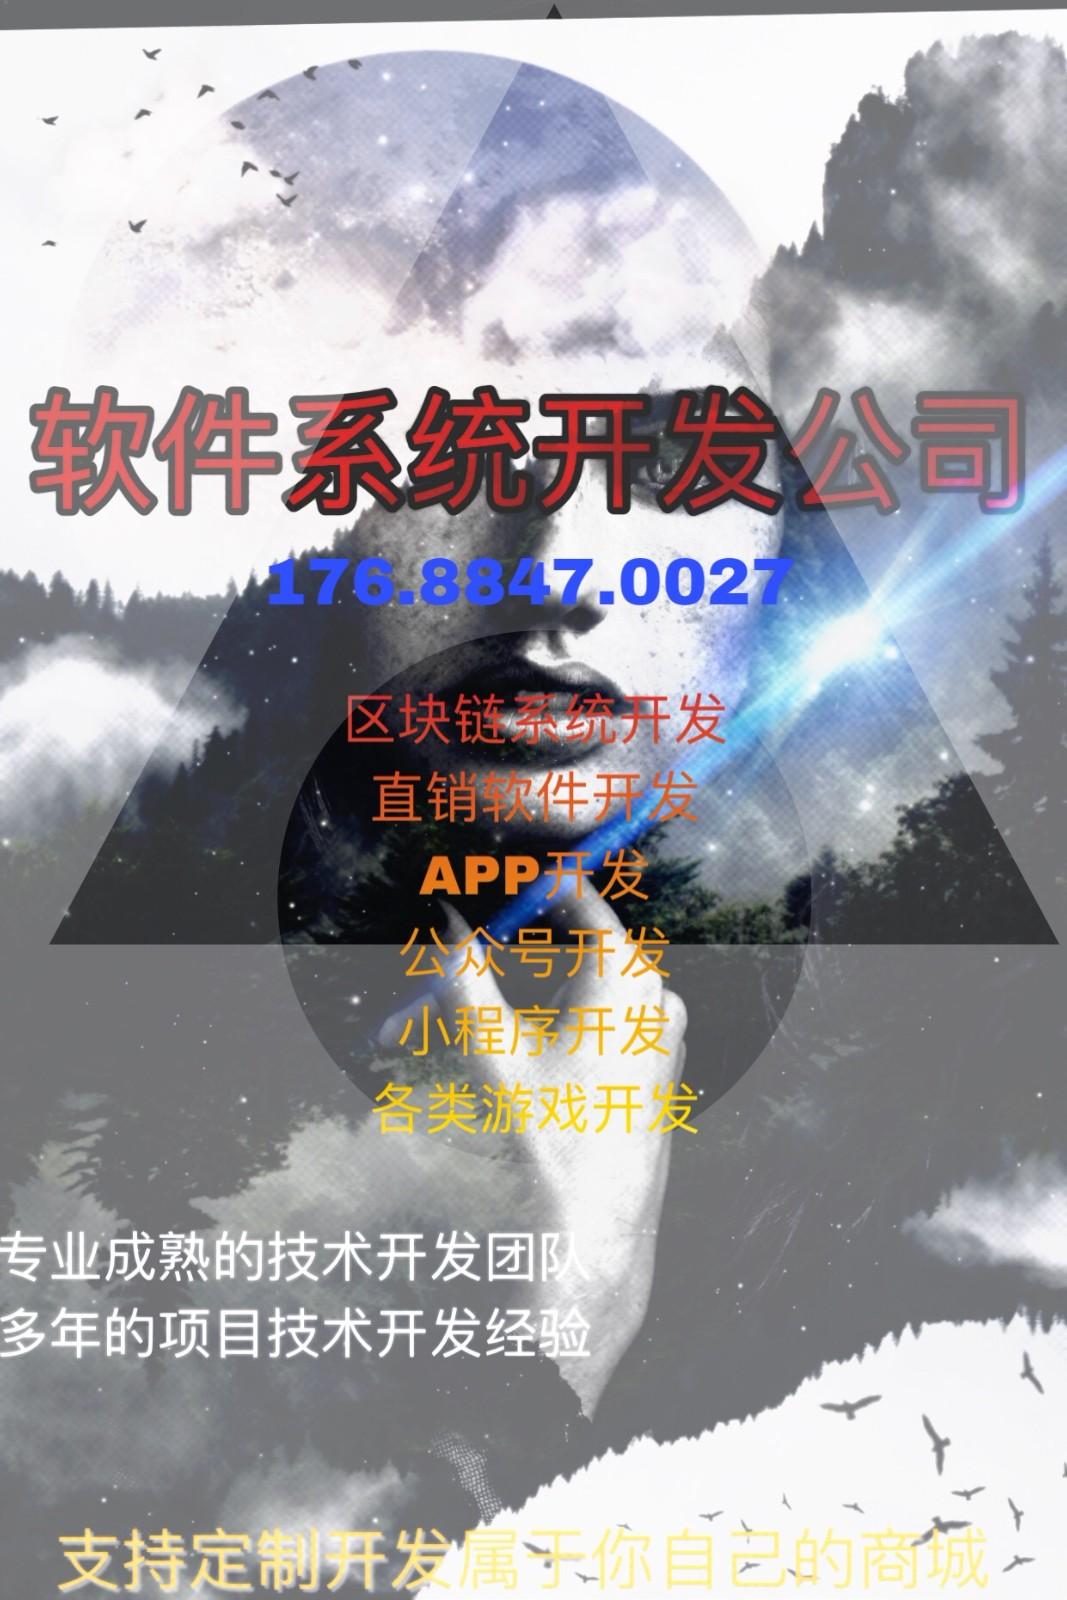 广州网络科技有限公司